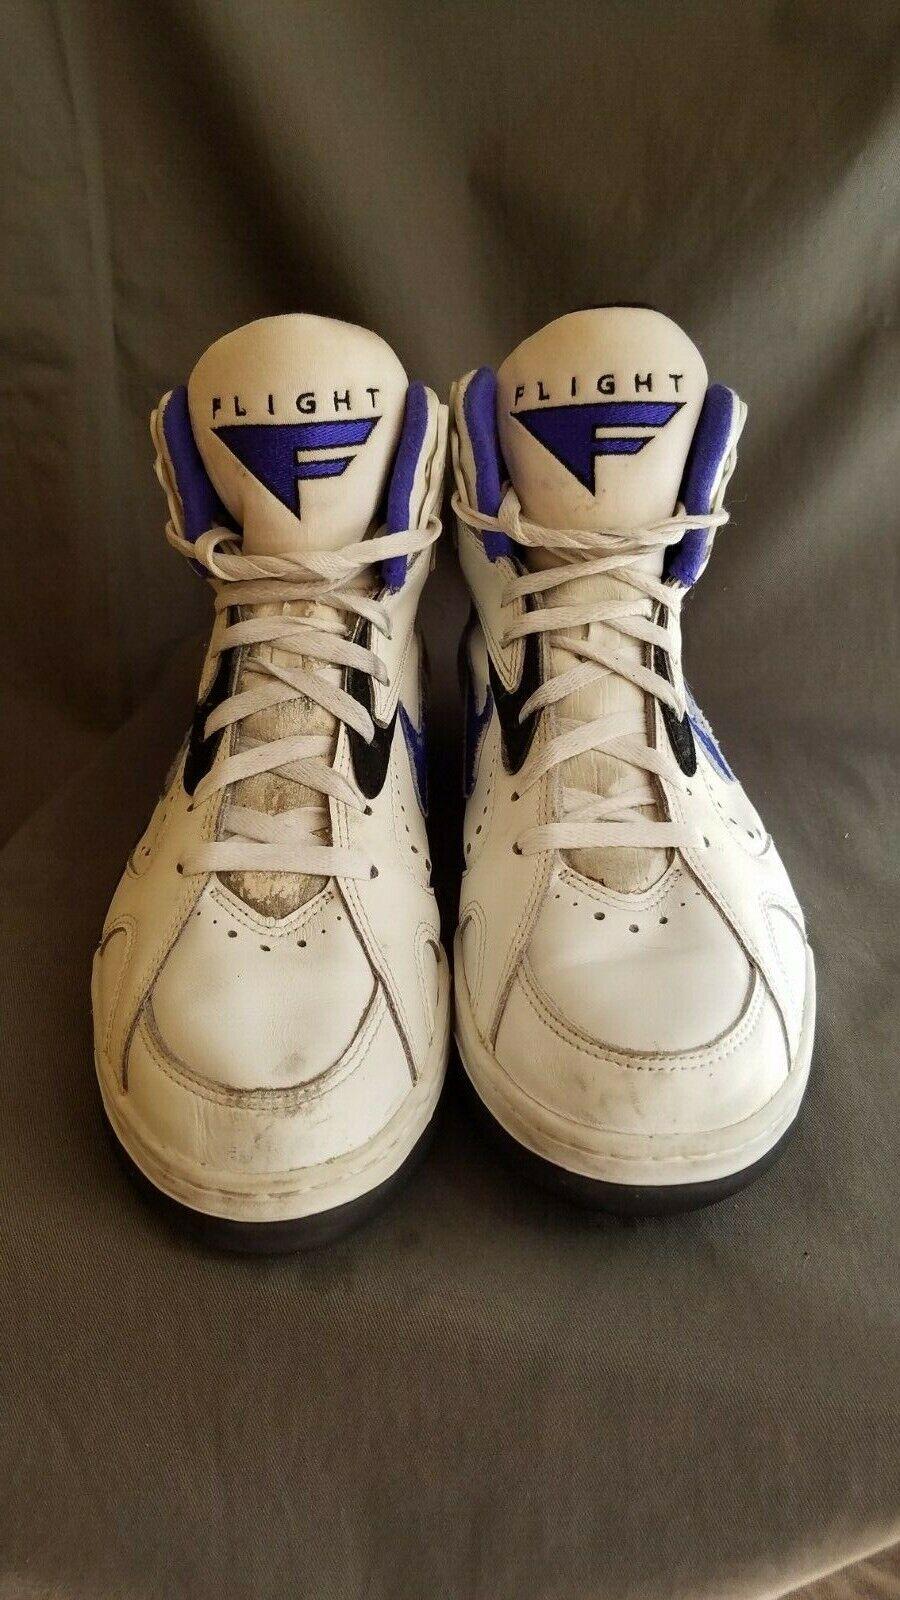 De colección para hombre blancoo 1993 NIKE FLIGHT High Top Zapatillas De Baloncesto AIR Sz-11.5